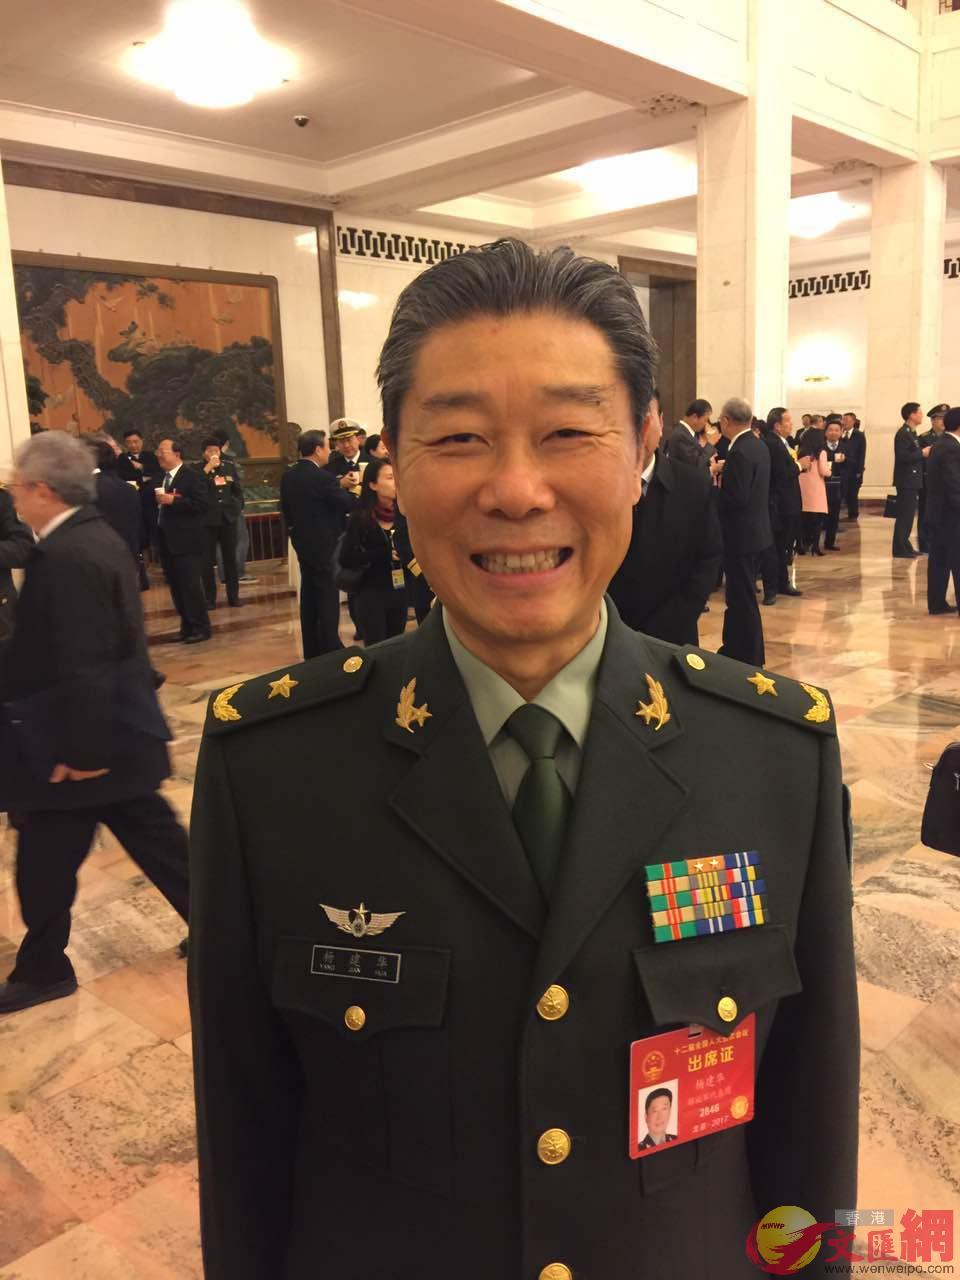 全國人大代表、原南京軍區聯勤部部長楊建華少將。葛沖攝。